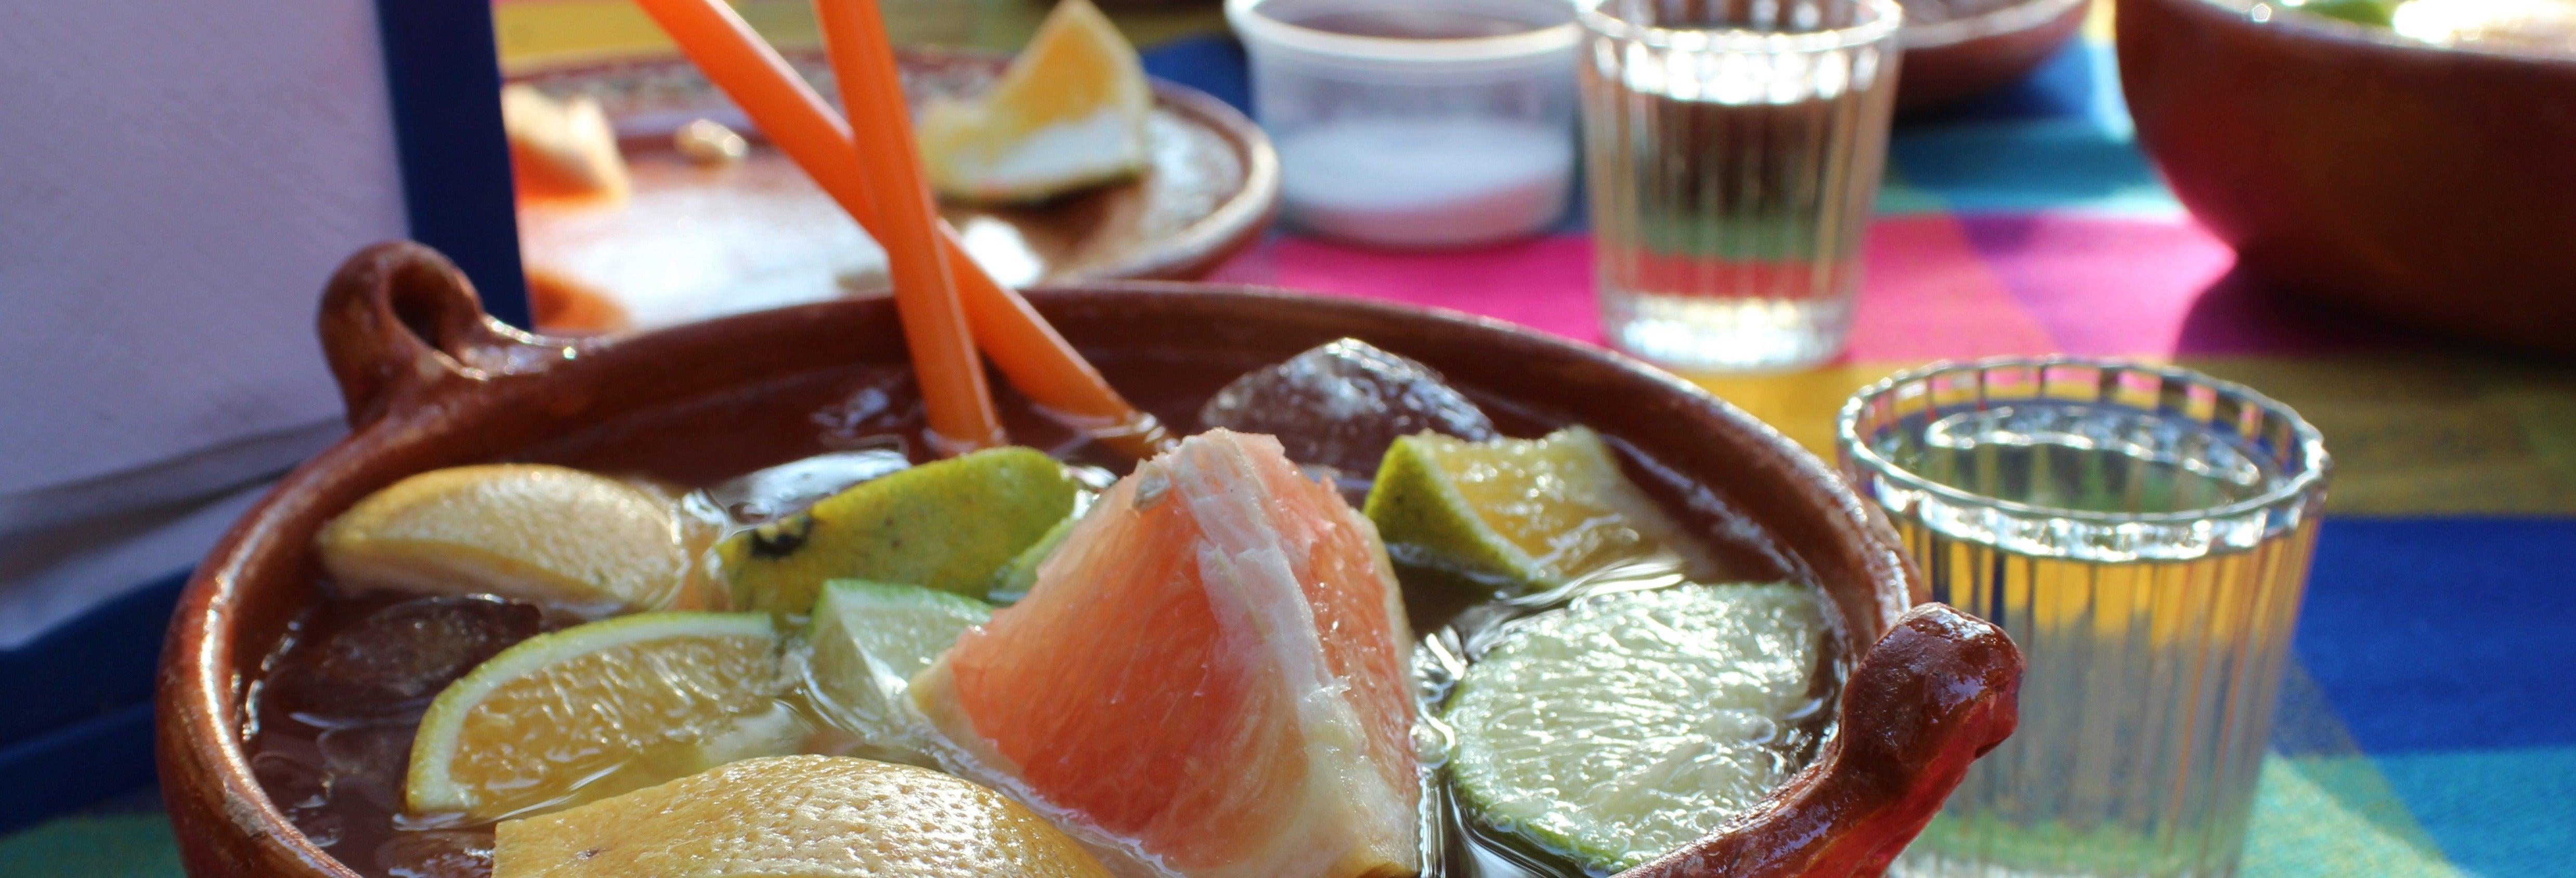 Tour pelas cantinas e bares de Guadalajara